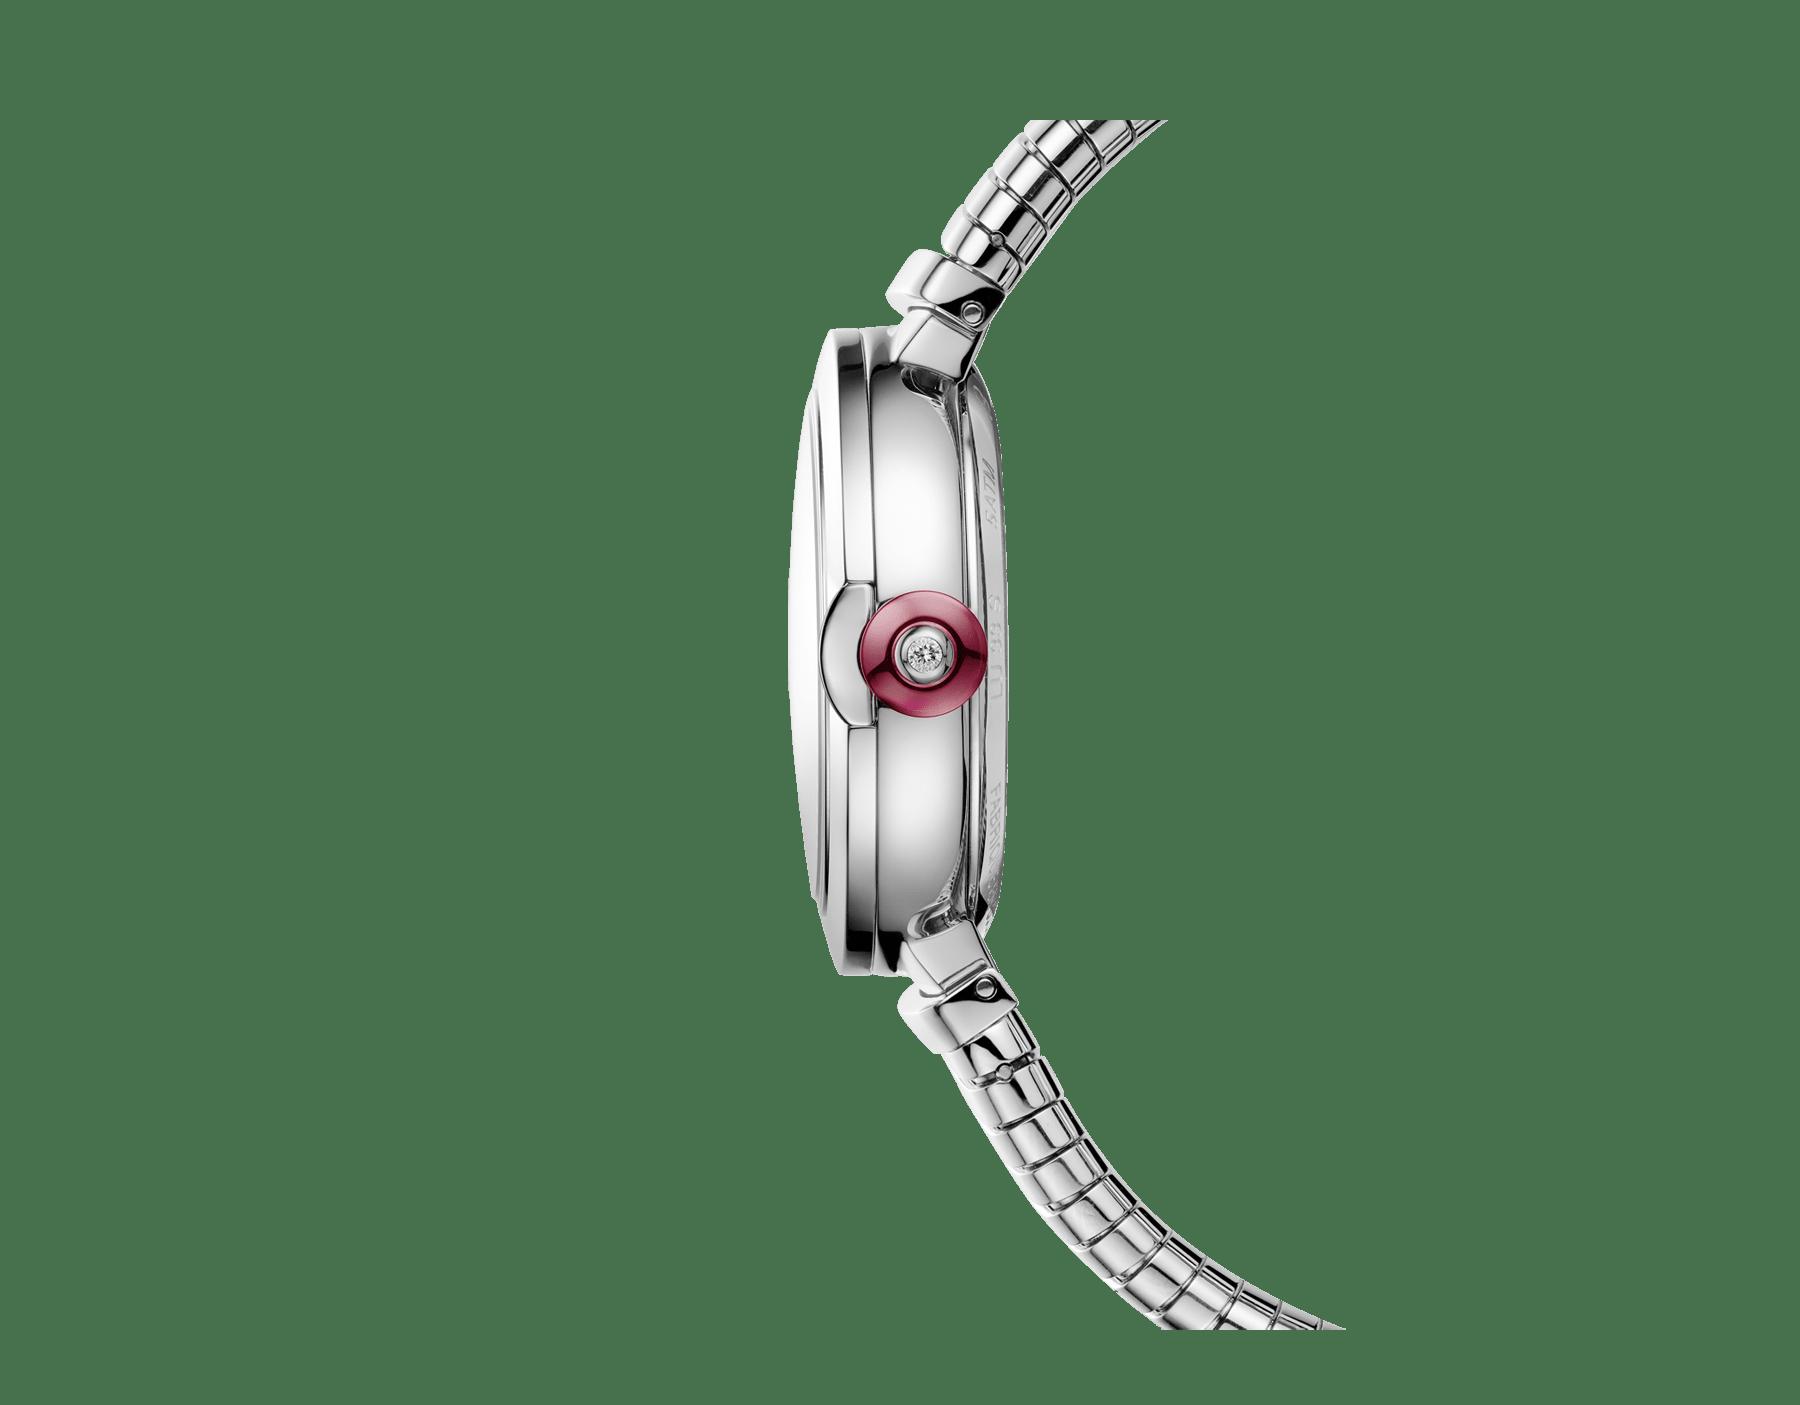 Montre LVCEA Tubogas avec boîtier et bracelet Tubogas en acier inoxydable, cadran laqué noir et index sertis de diamants 102953 image 2